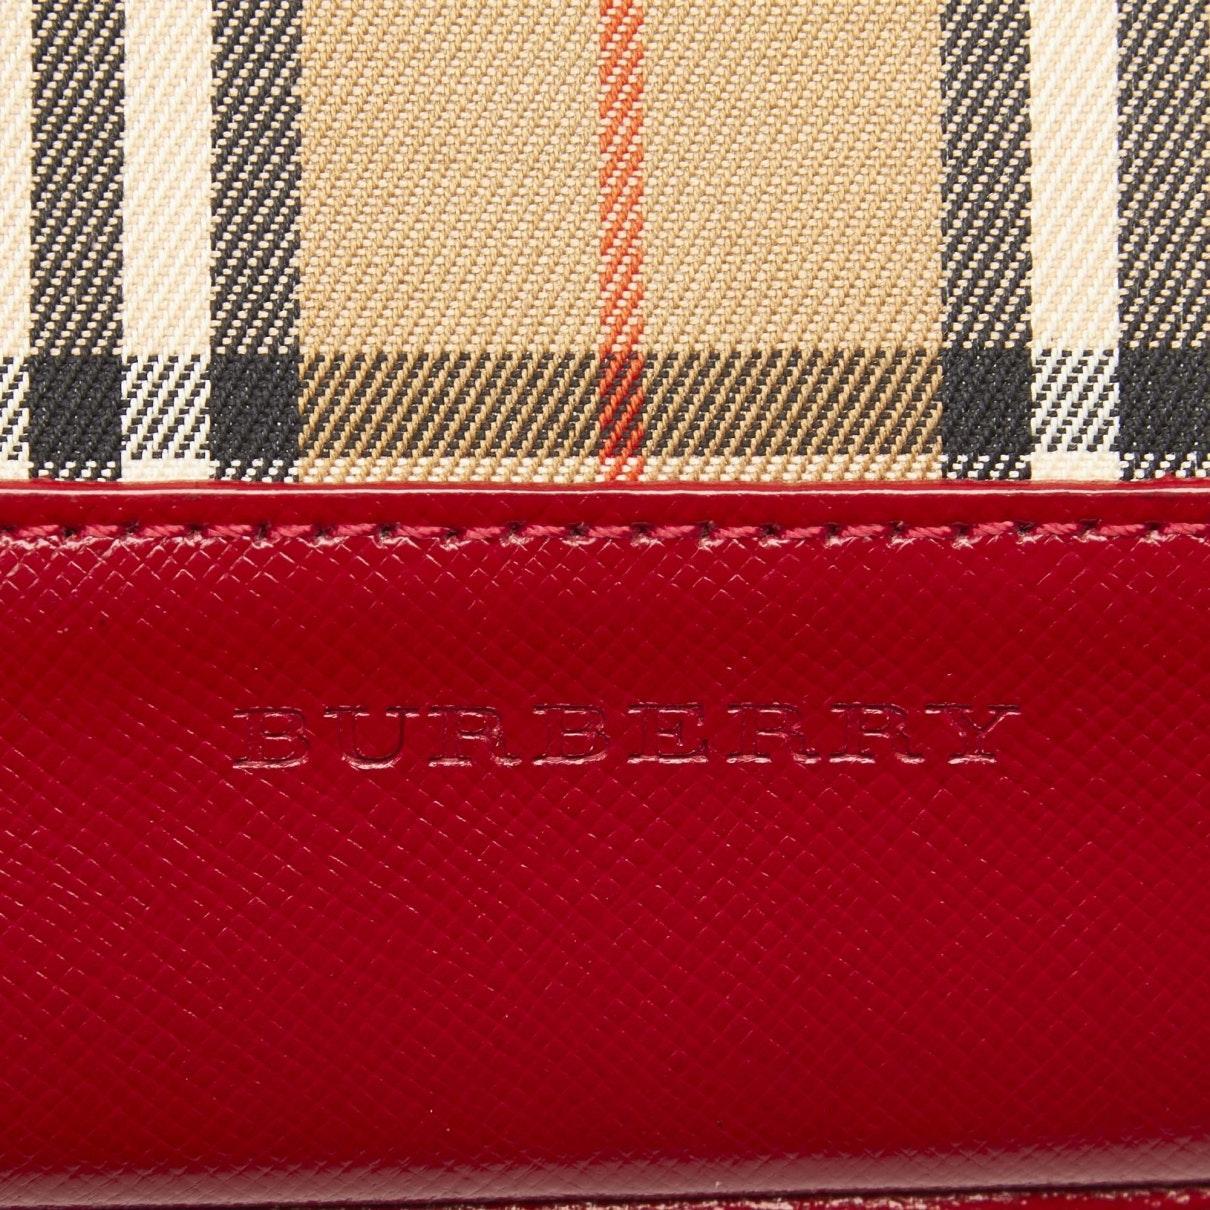 Sac à main en Toile Marron Burberry en coloris Rouge USAj